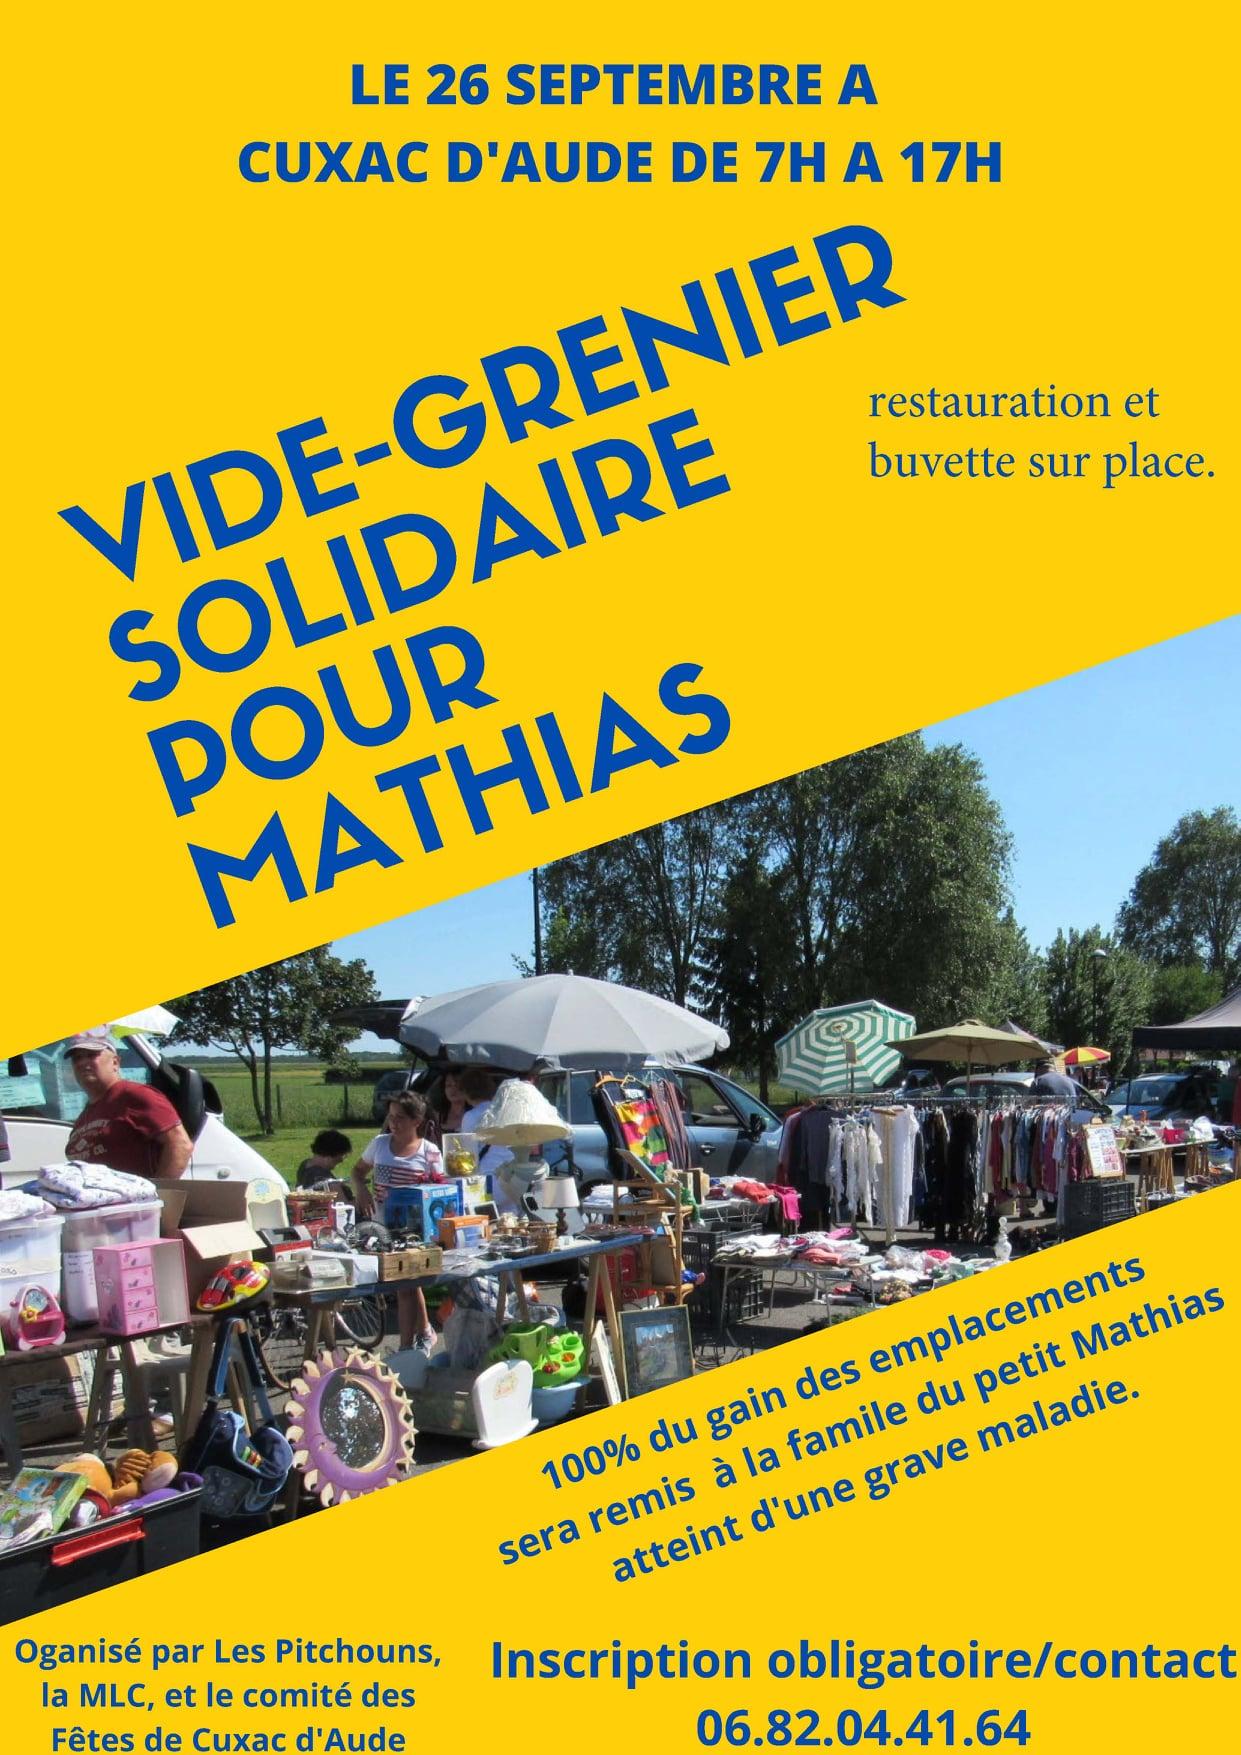 Vide grenier Pour Mathias